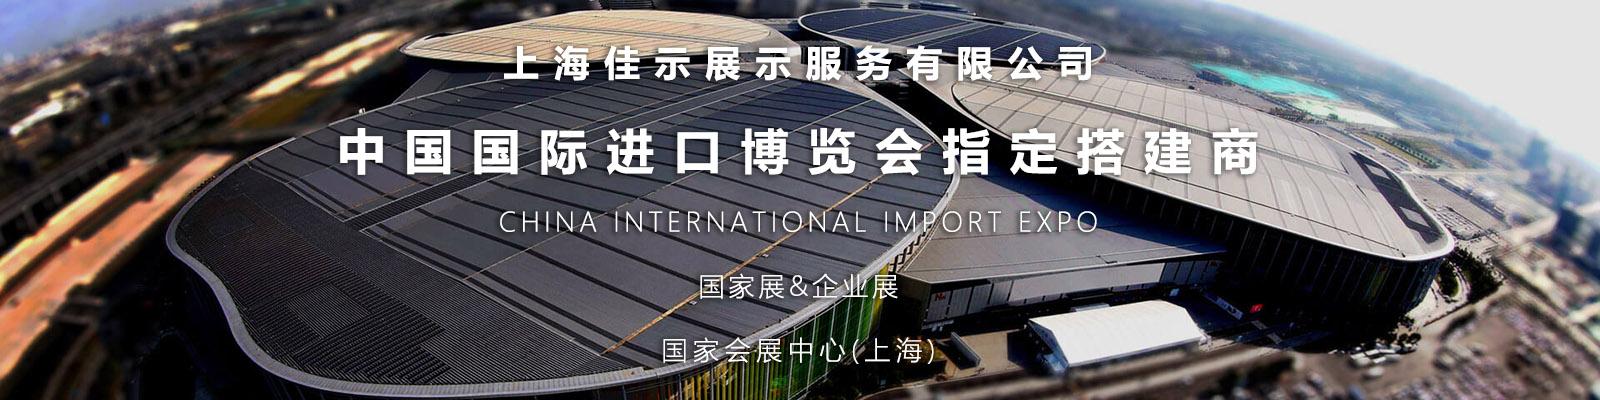 上海佳示展示服务有限公司